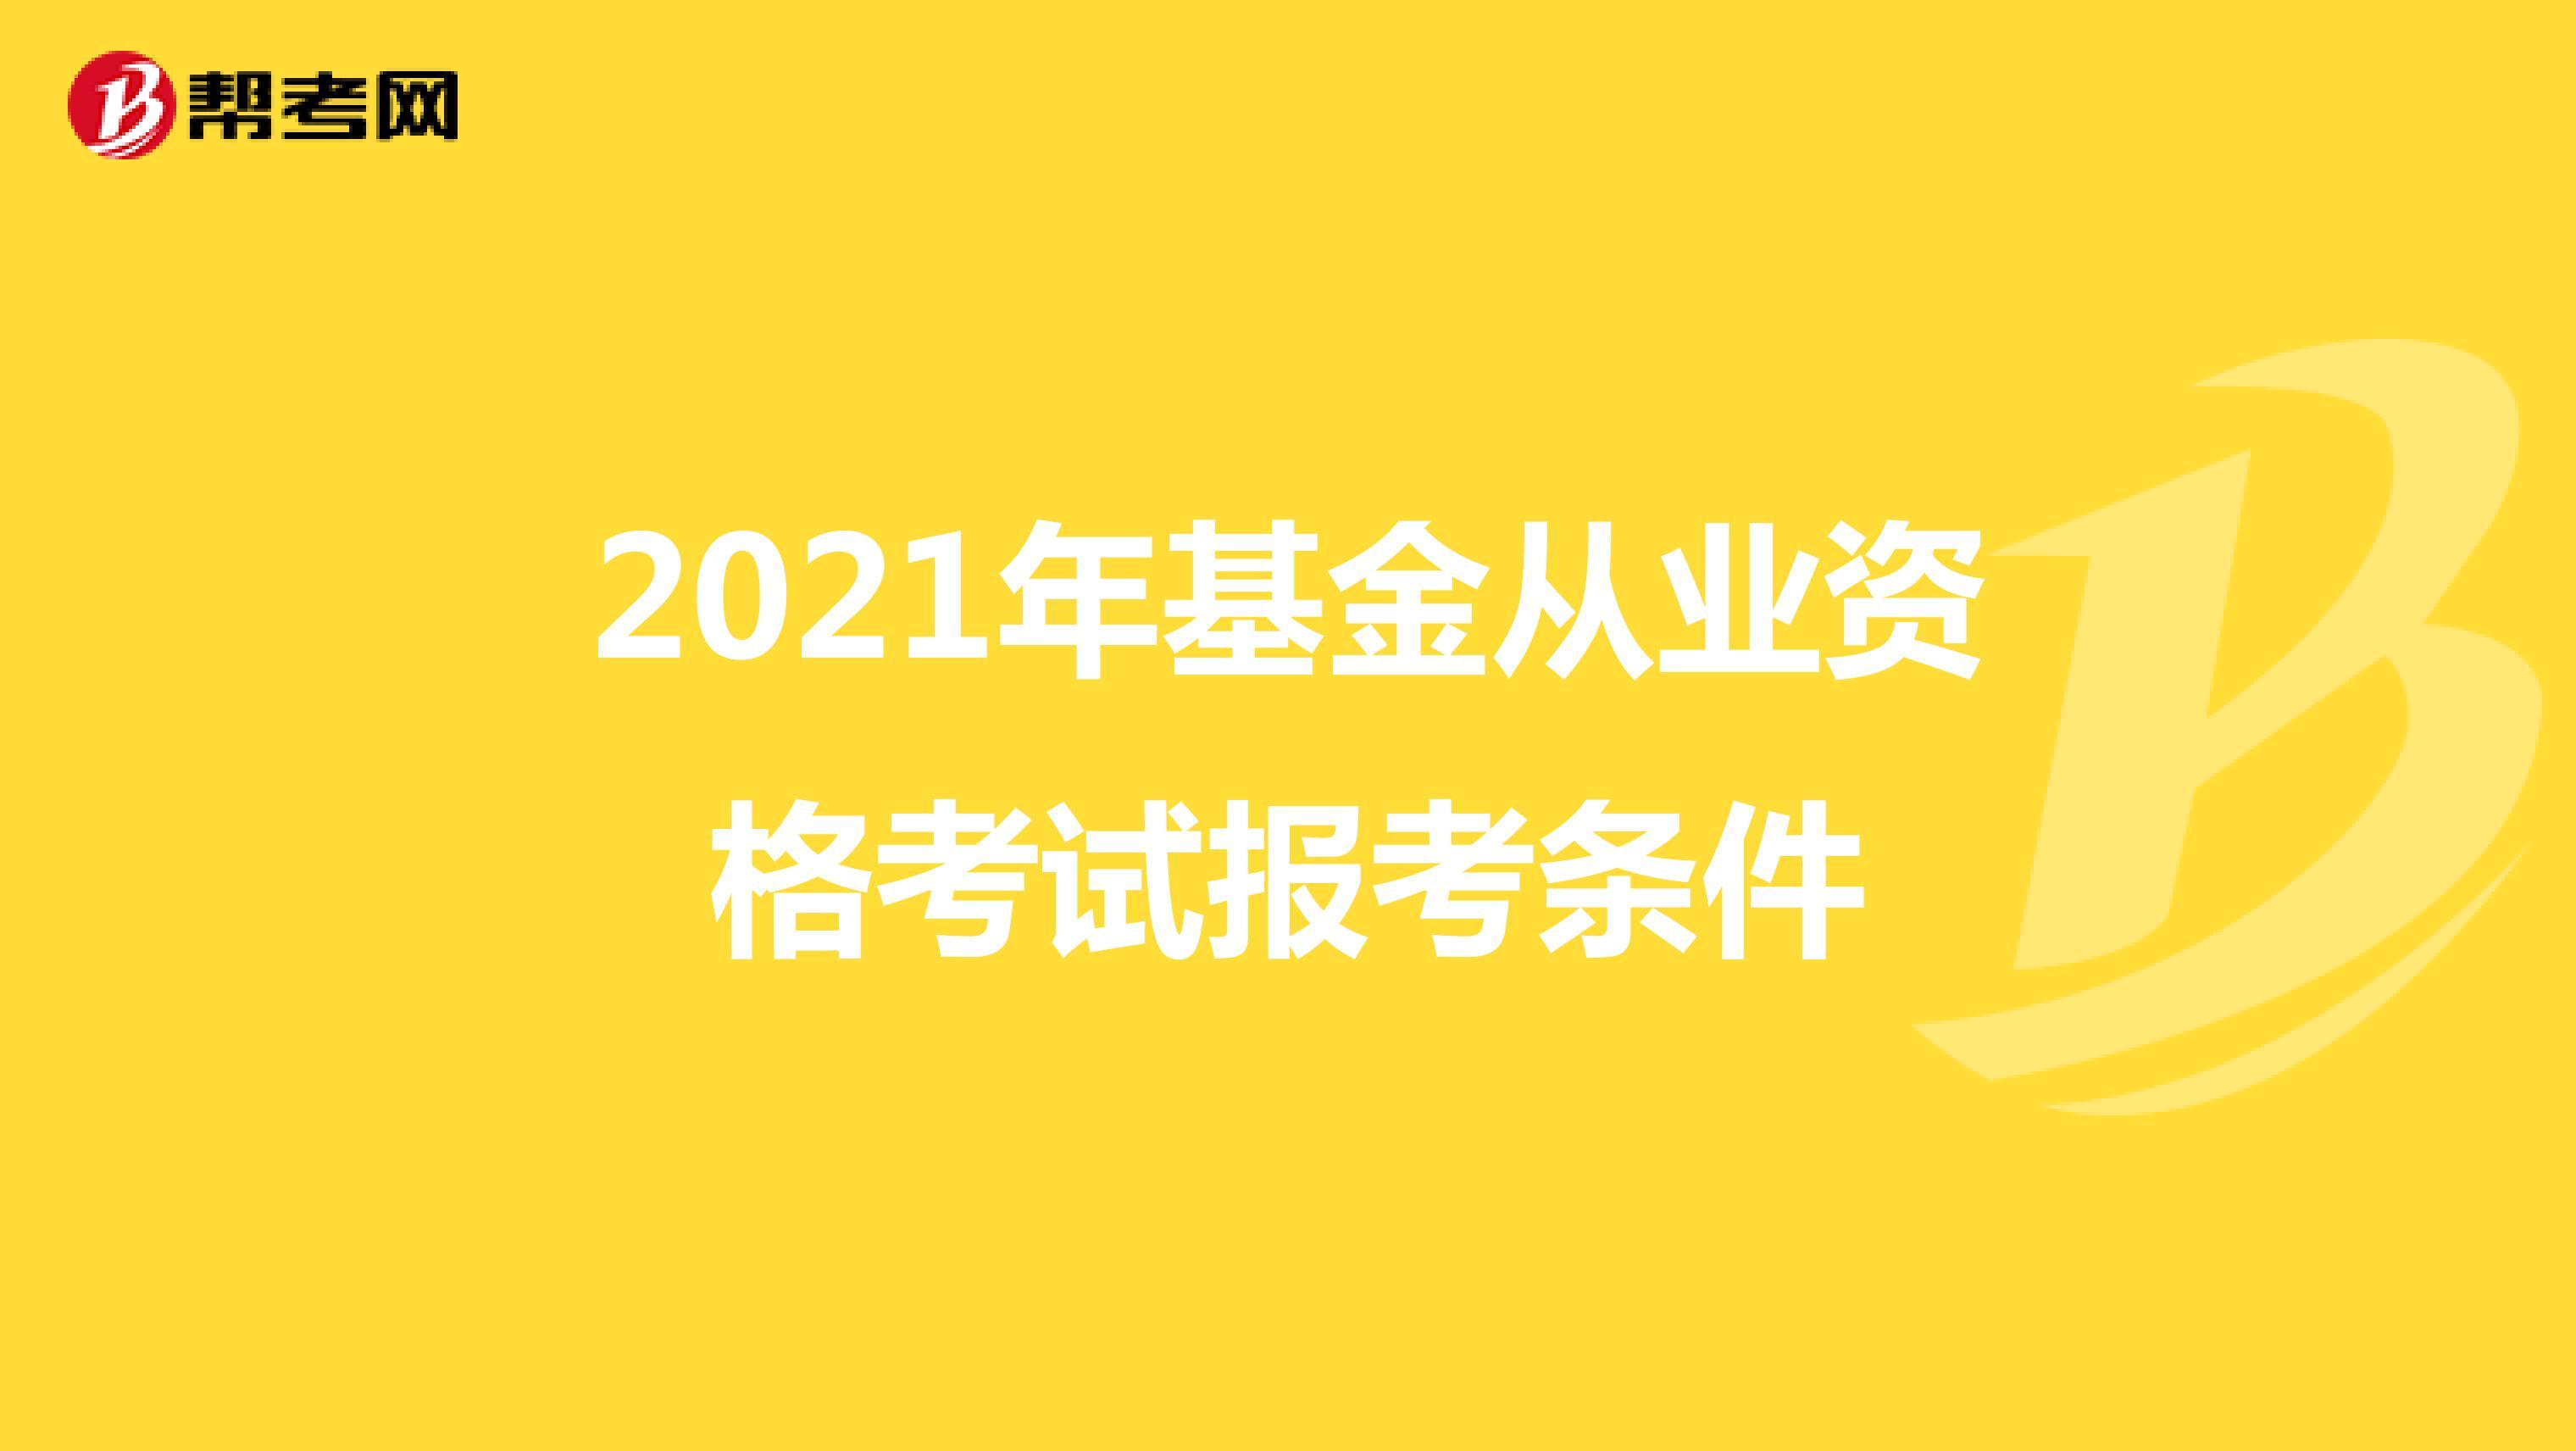 2021年基金从业资格考试报考条件